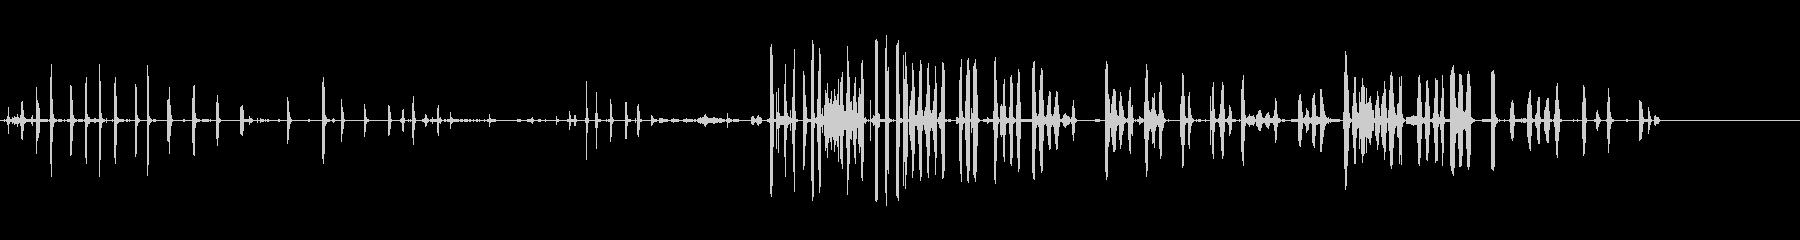 ヤングフォックス-ファイティングの未再生の波形